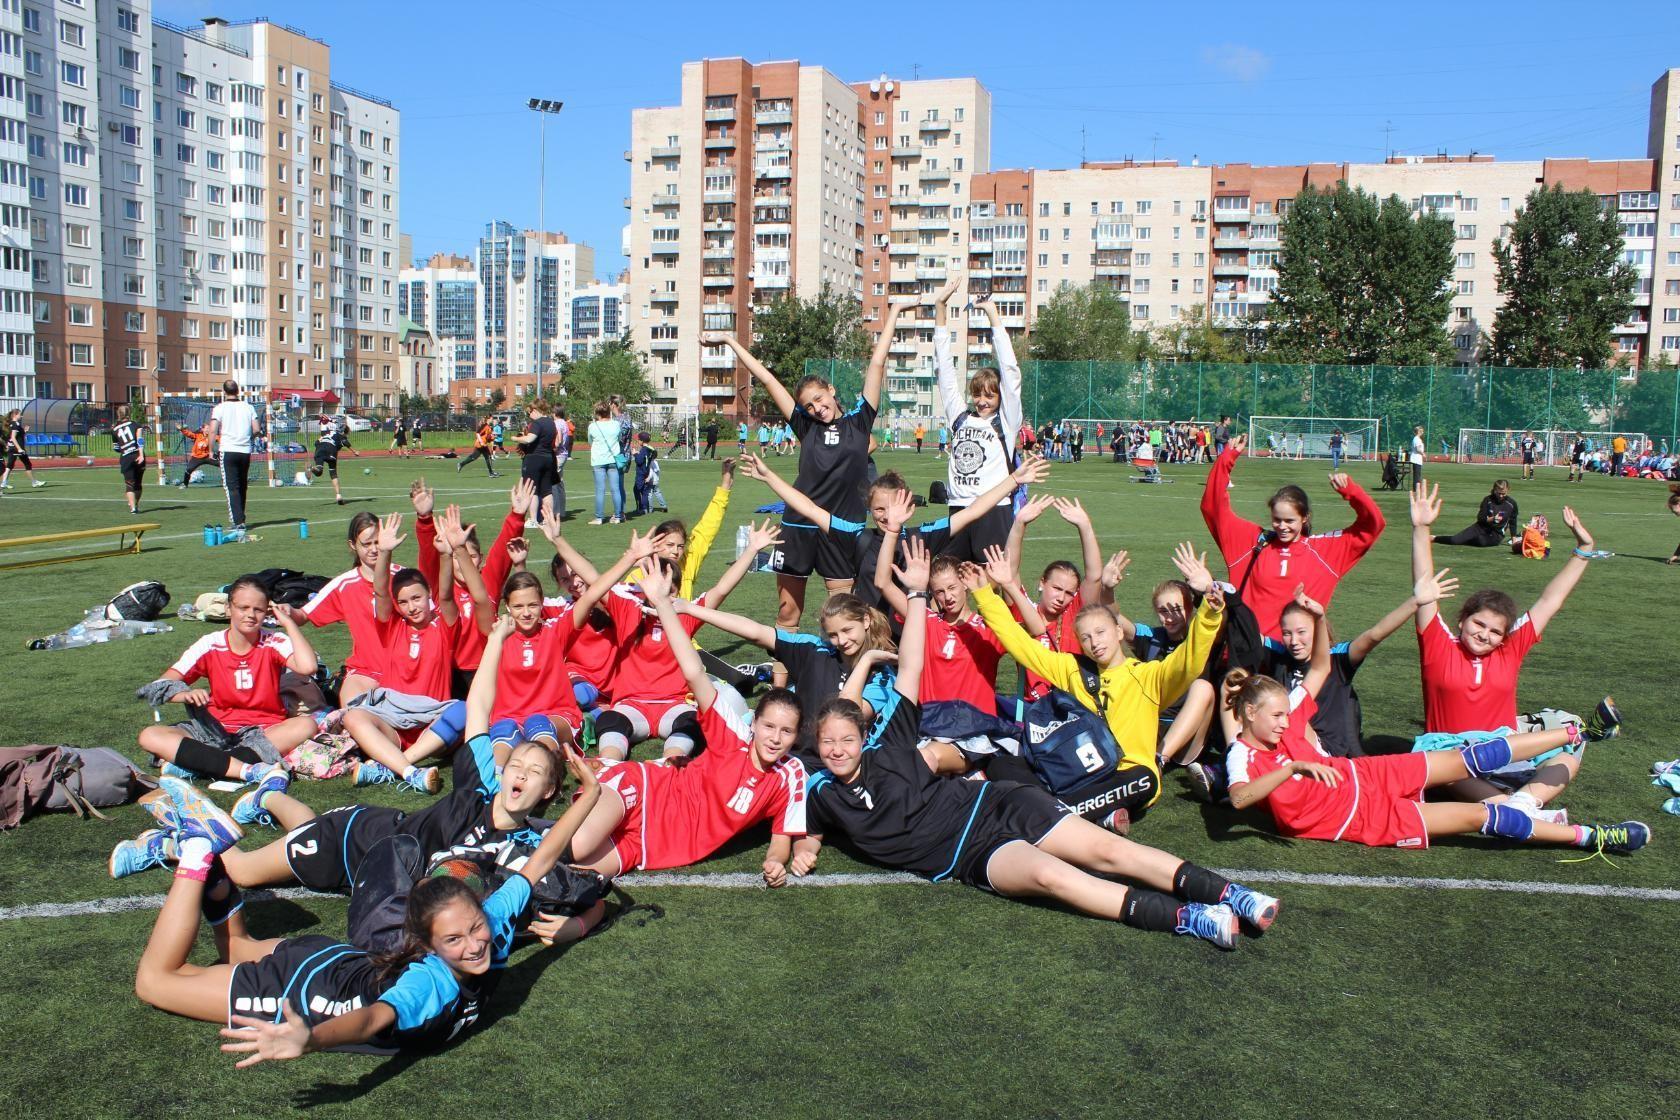 Итоги выступления на 3-ем  Международном  детско-юношеском  фестивале гандбола  Petersburg Cup